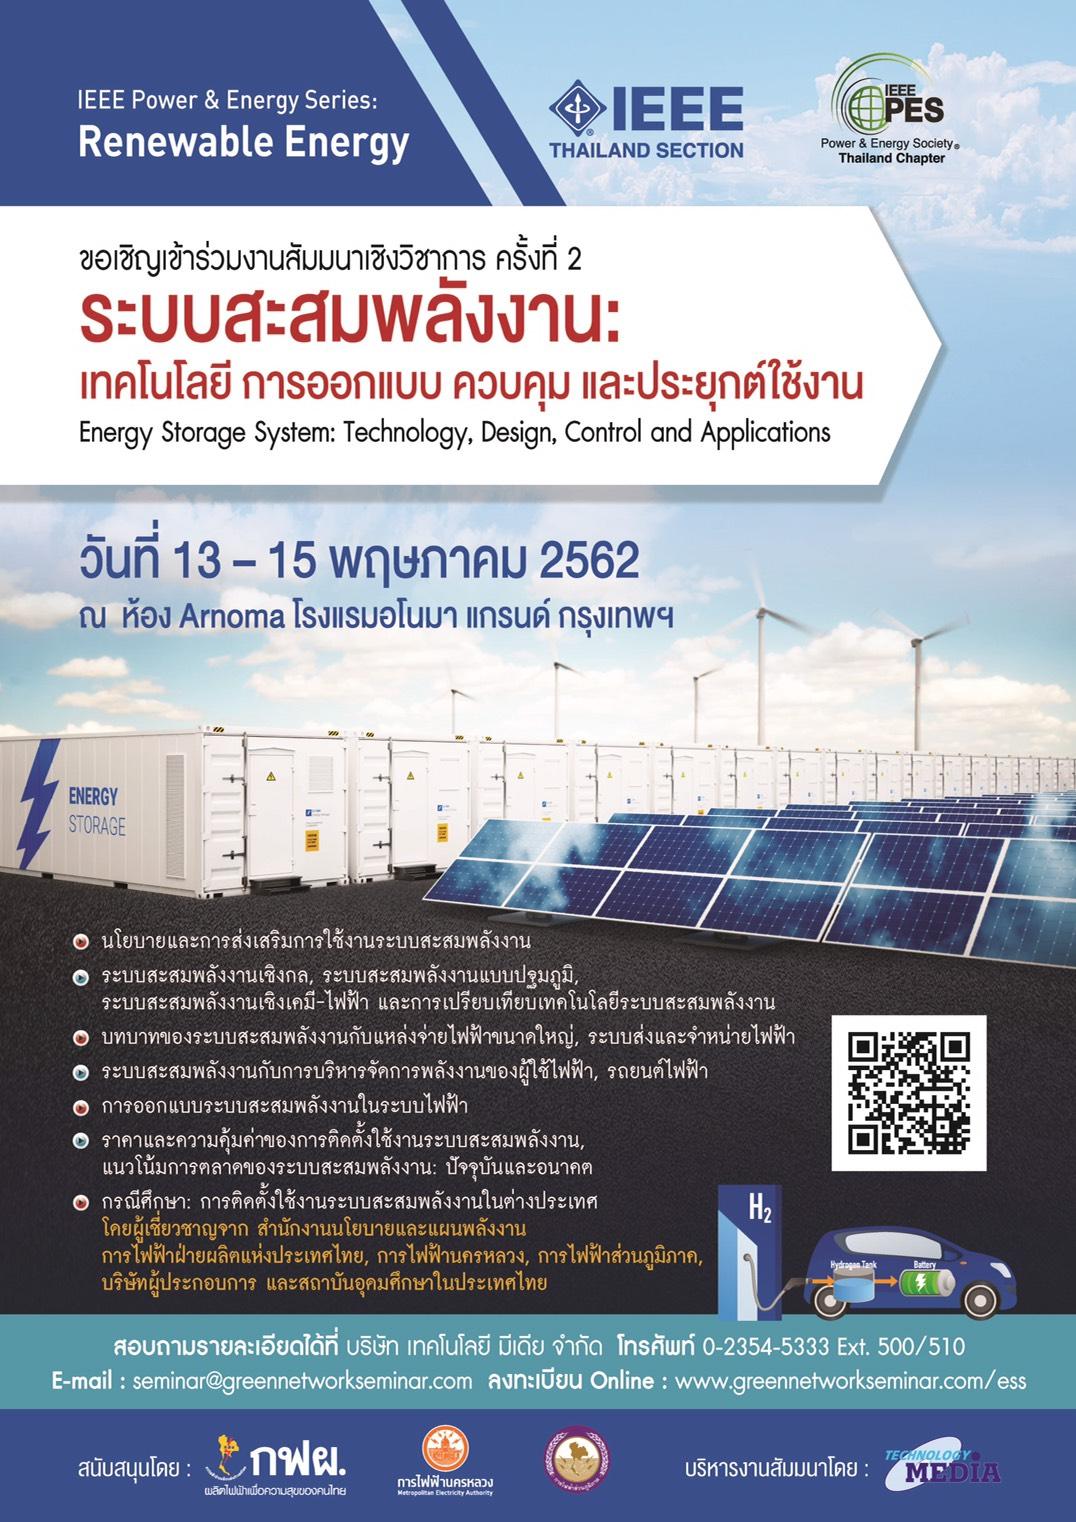 ระบบสะสมพลังงาน (Energy Storage System): เทคโนโลยี การออกแบบ ควบคุม และประยุกต์ใช้งาน